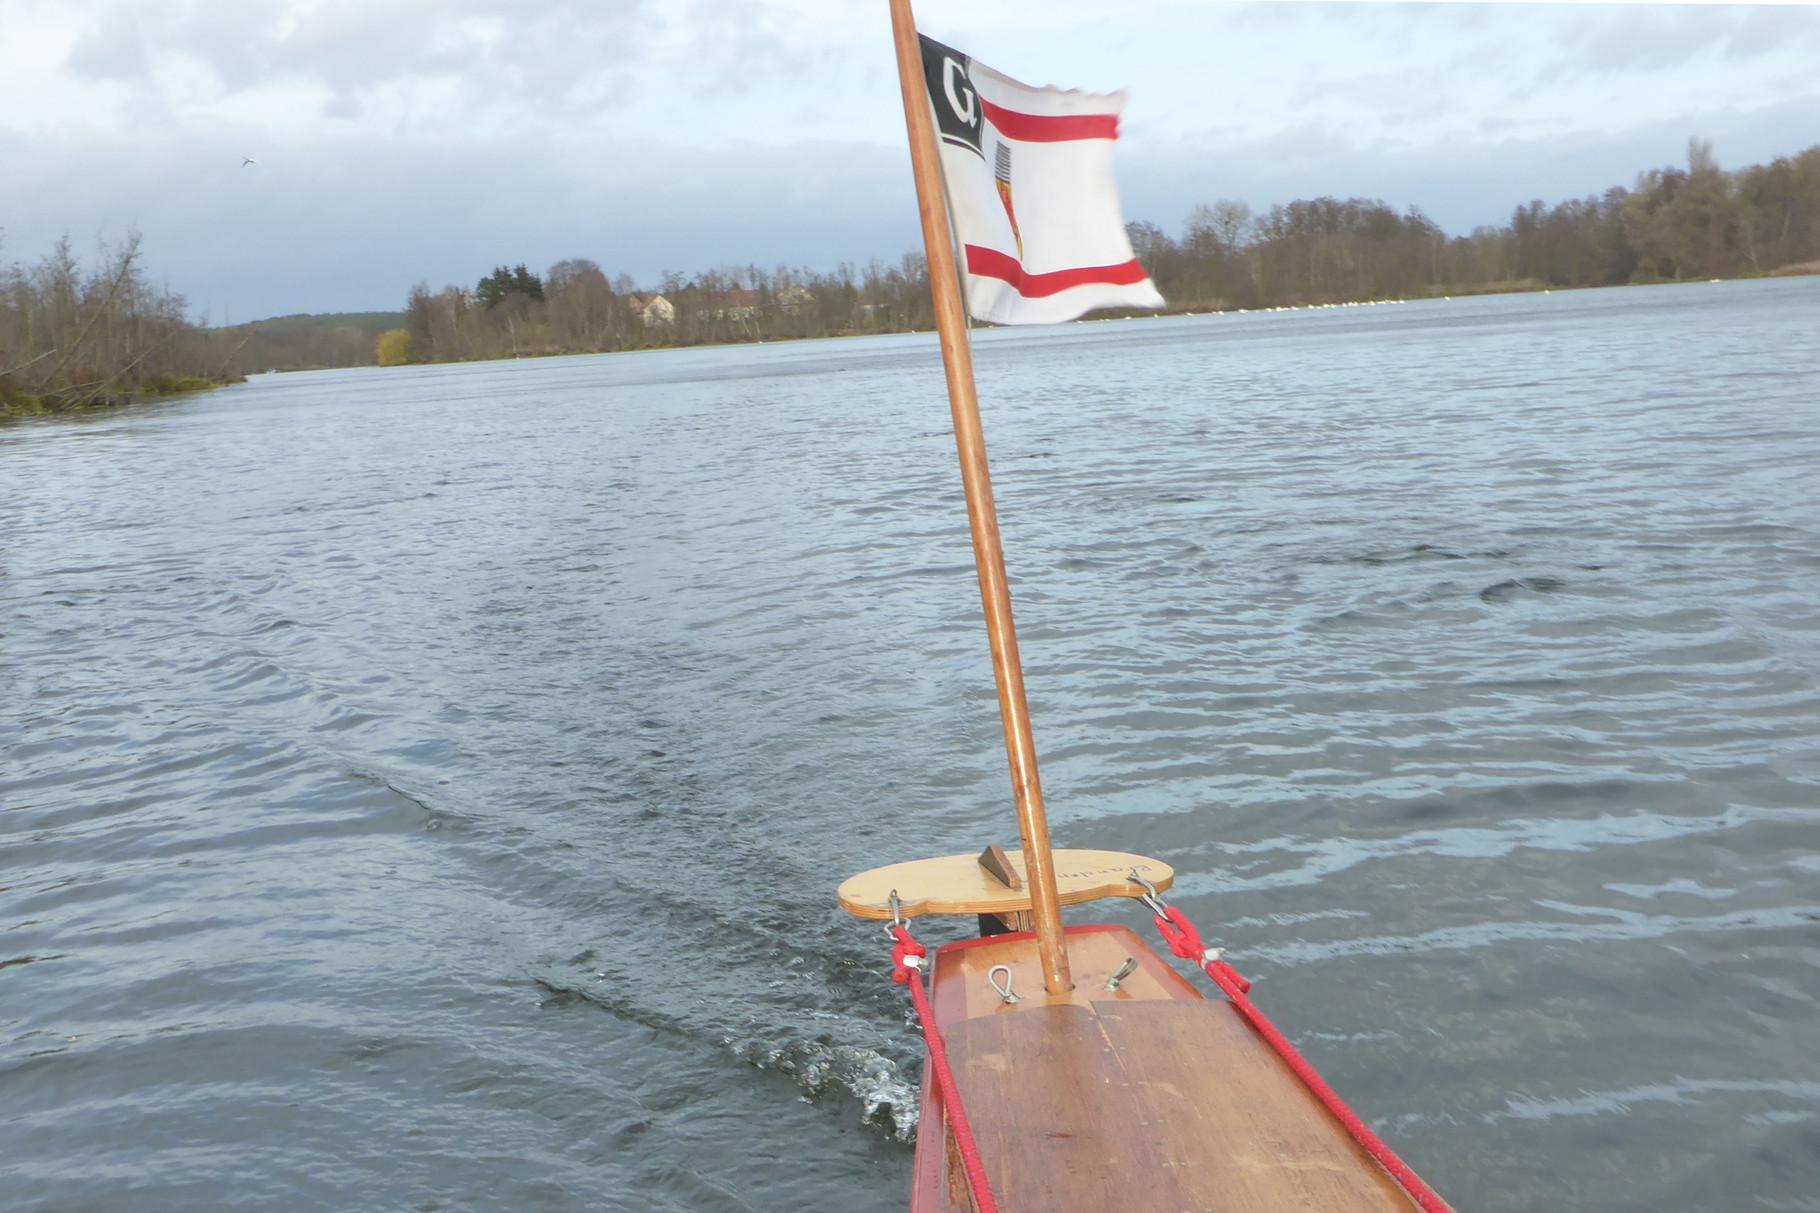 Schon weht die Flagge wieder im Wind.